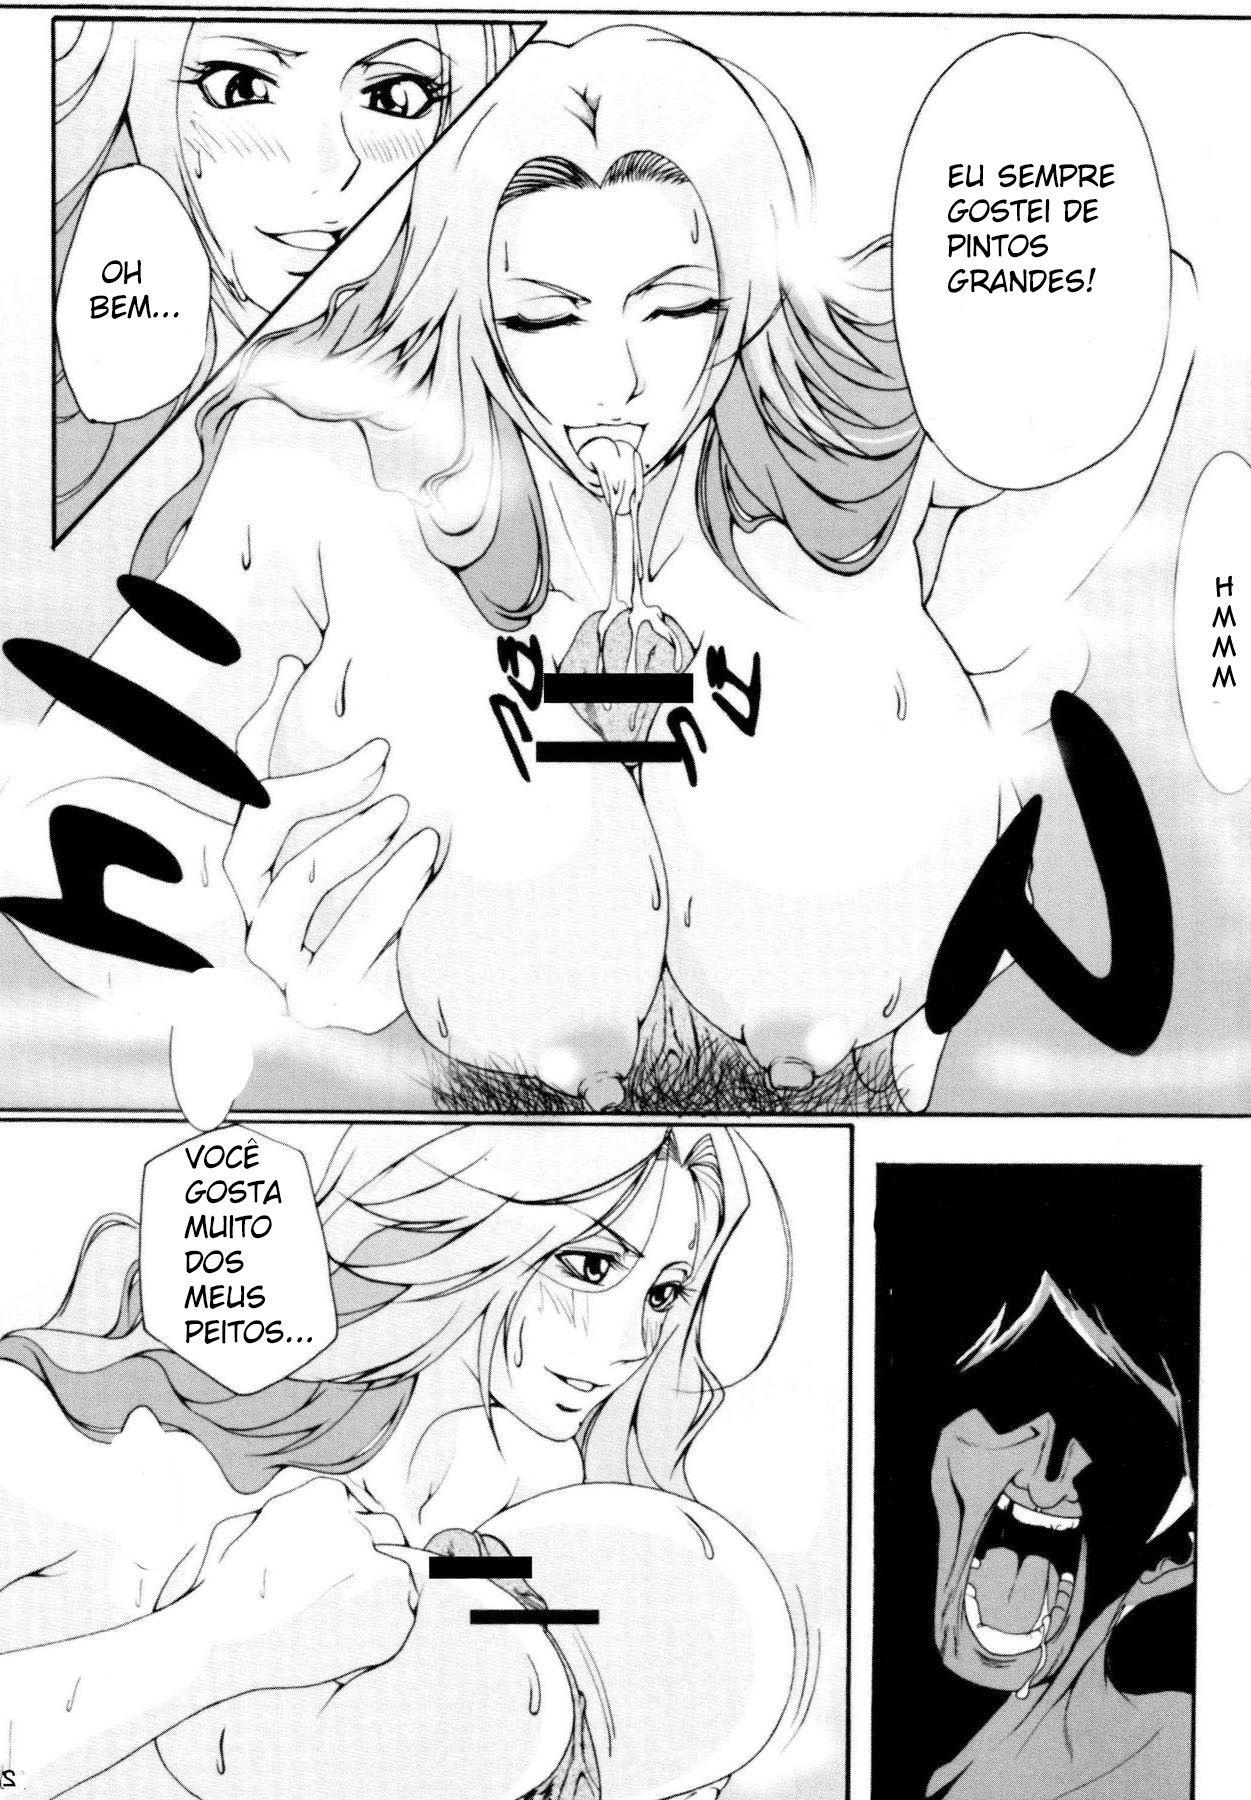 Jinta-garoto-virgem-pervertido-25